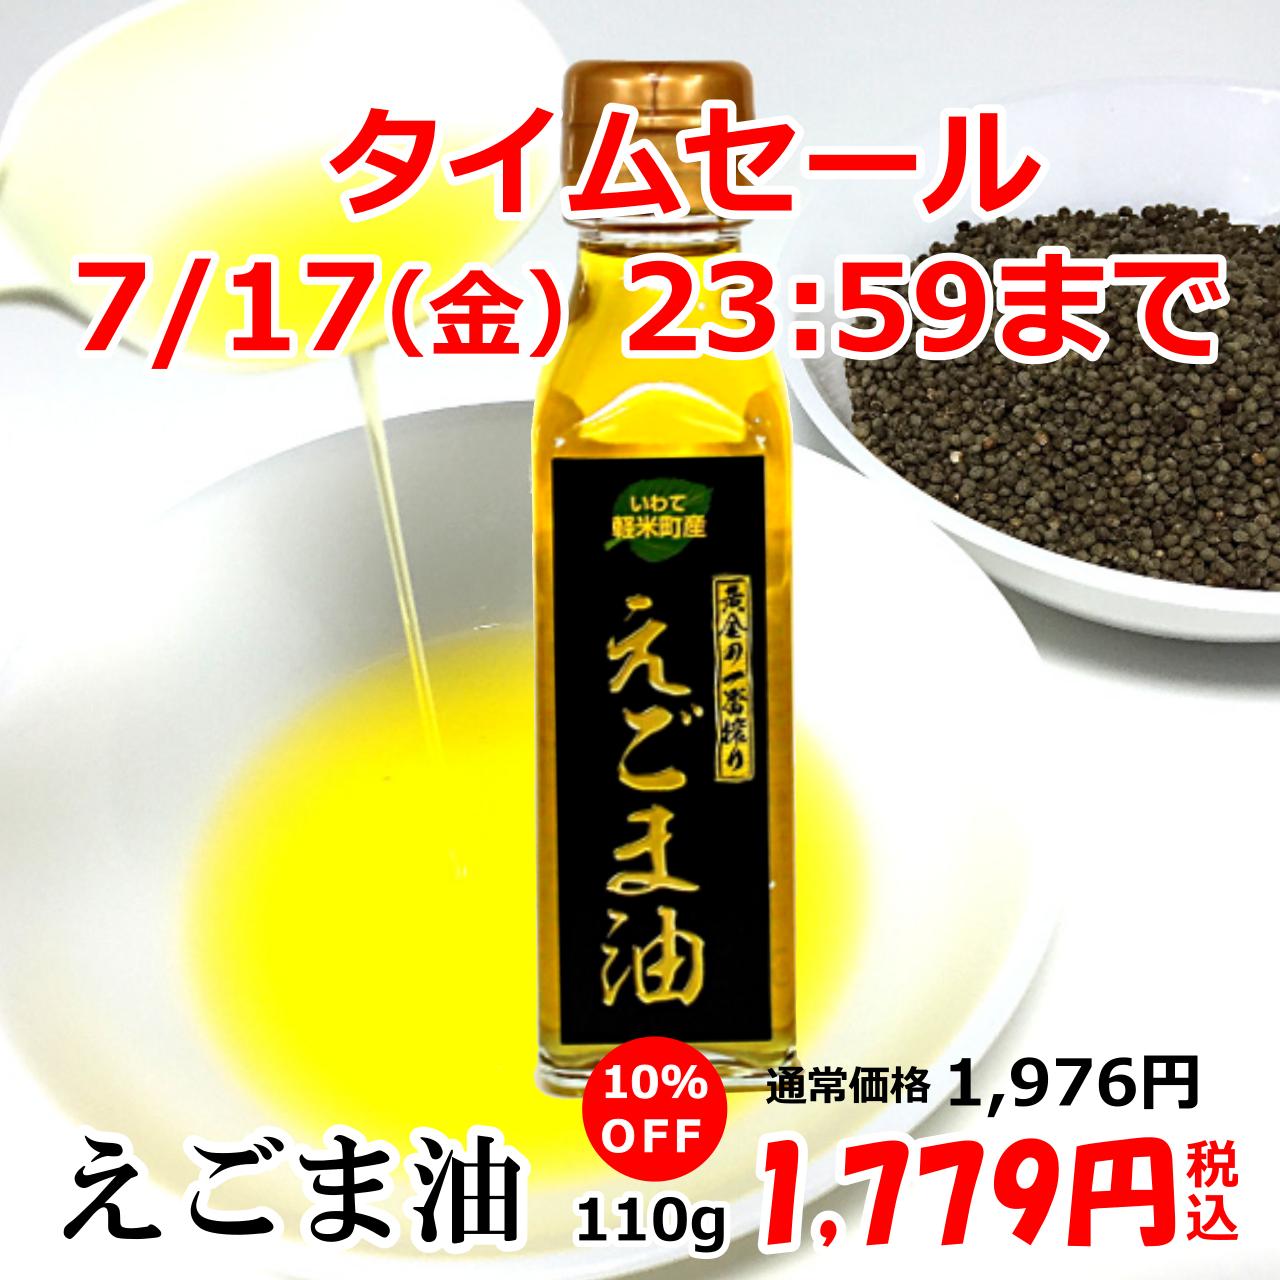 【10%OFFタイムセール!】7/17(金)23:59まで【軽米町産100%】えごま油